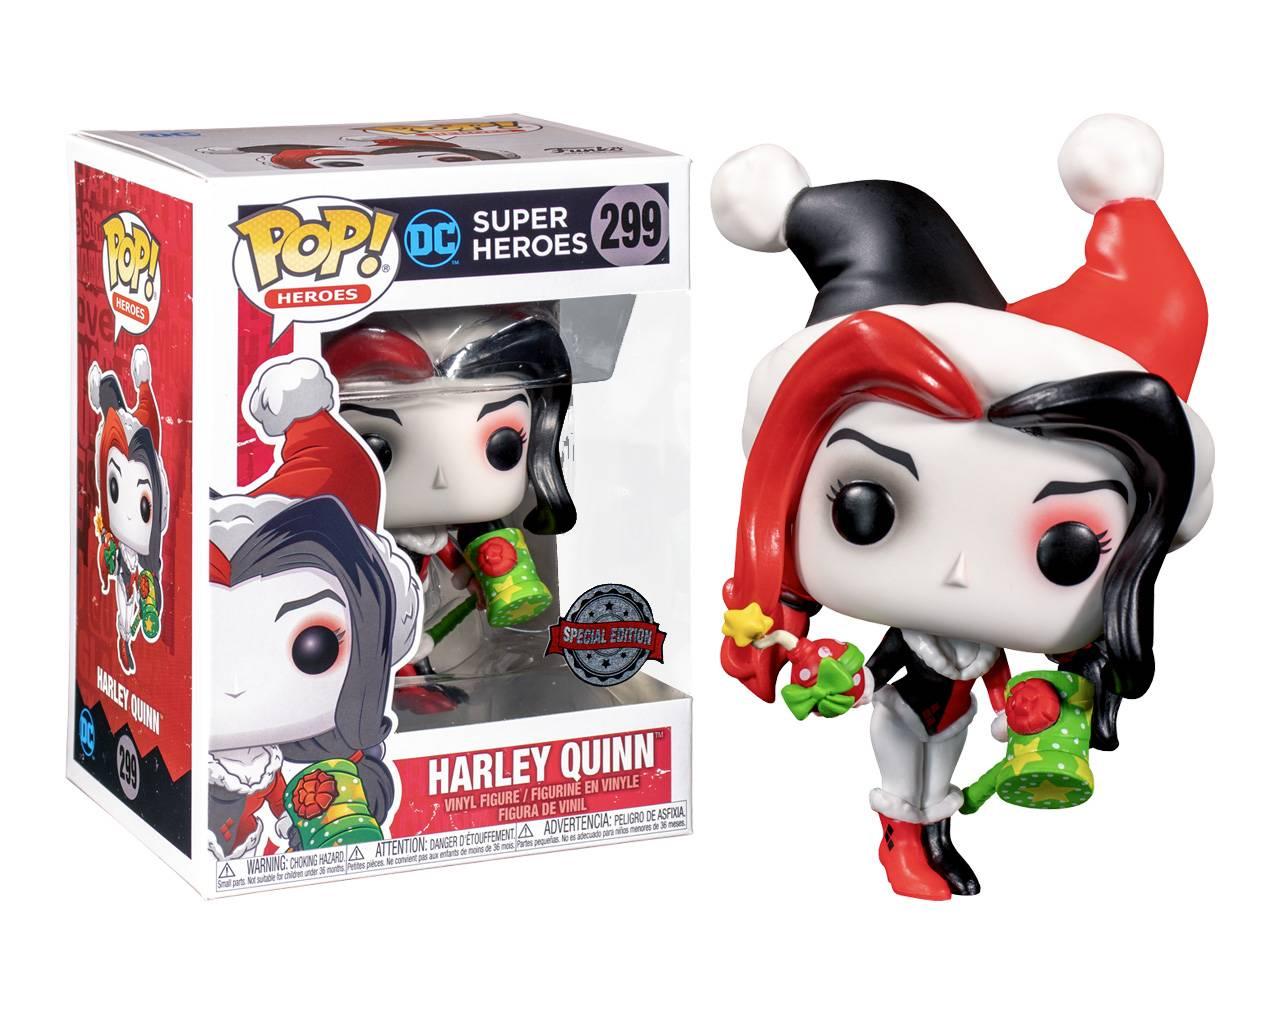 Harley Quinn (Santa) Pop! Vinyl